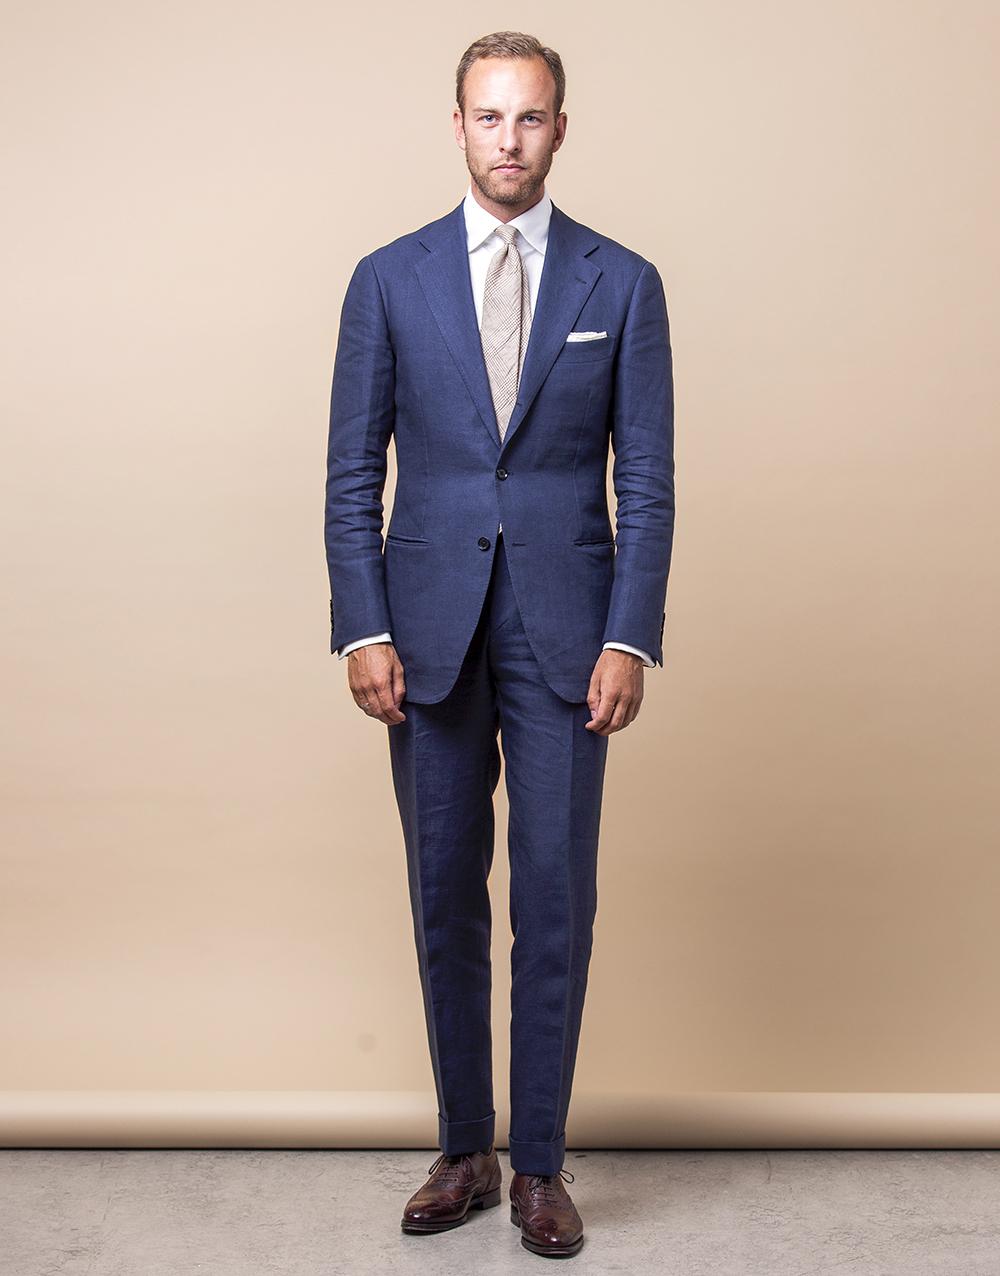 RTW-kostym från Ring Jacket i blått linne från Spence Bryson. 4700c0c3575f7